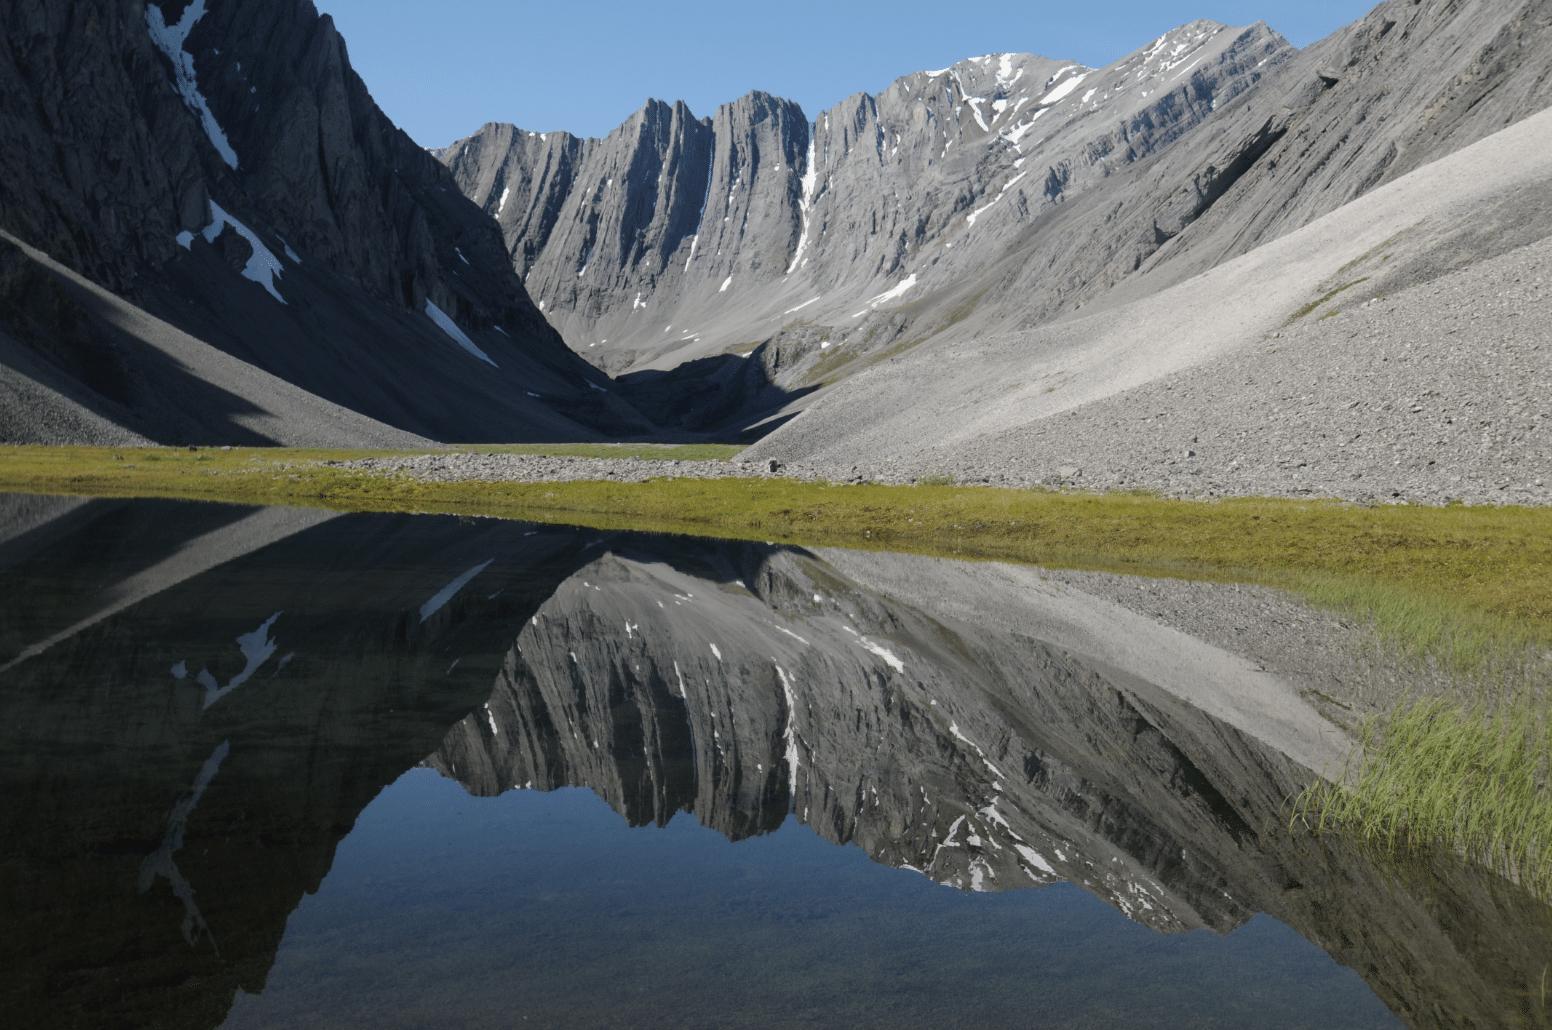 narodny park aliaška